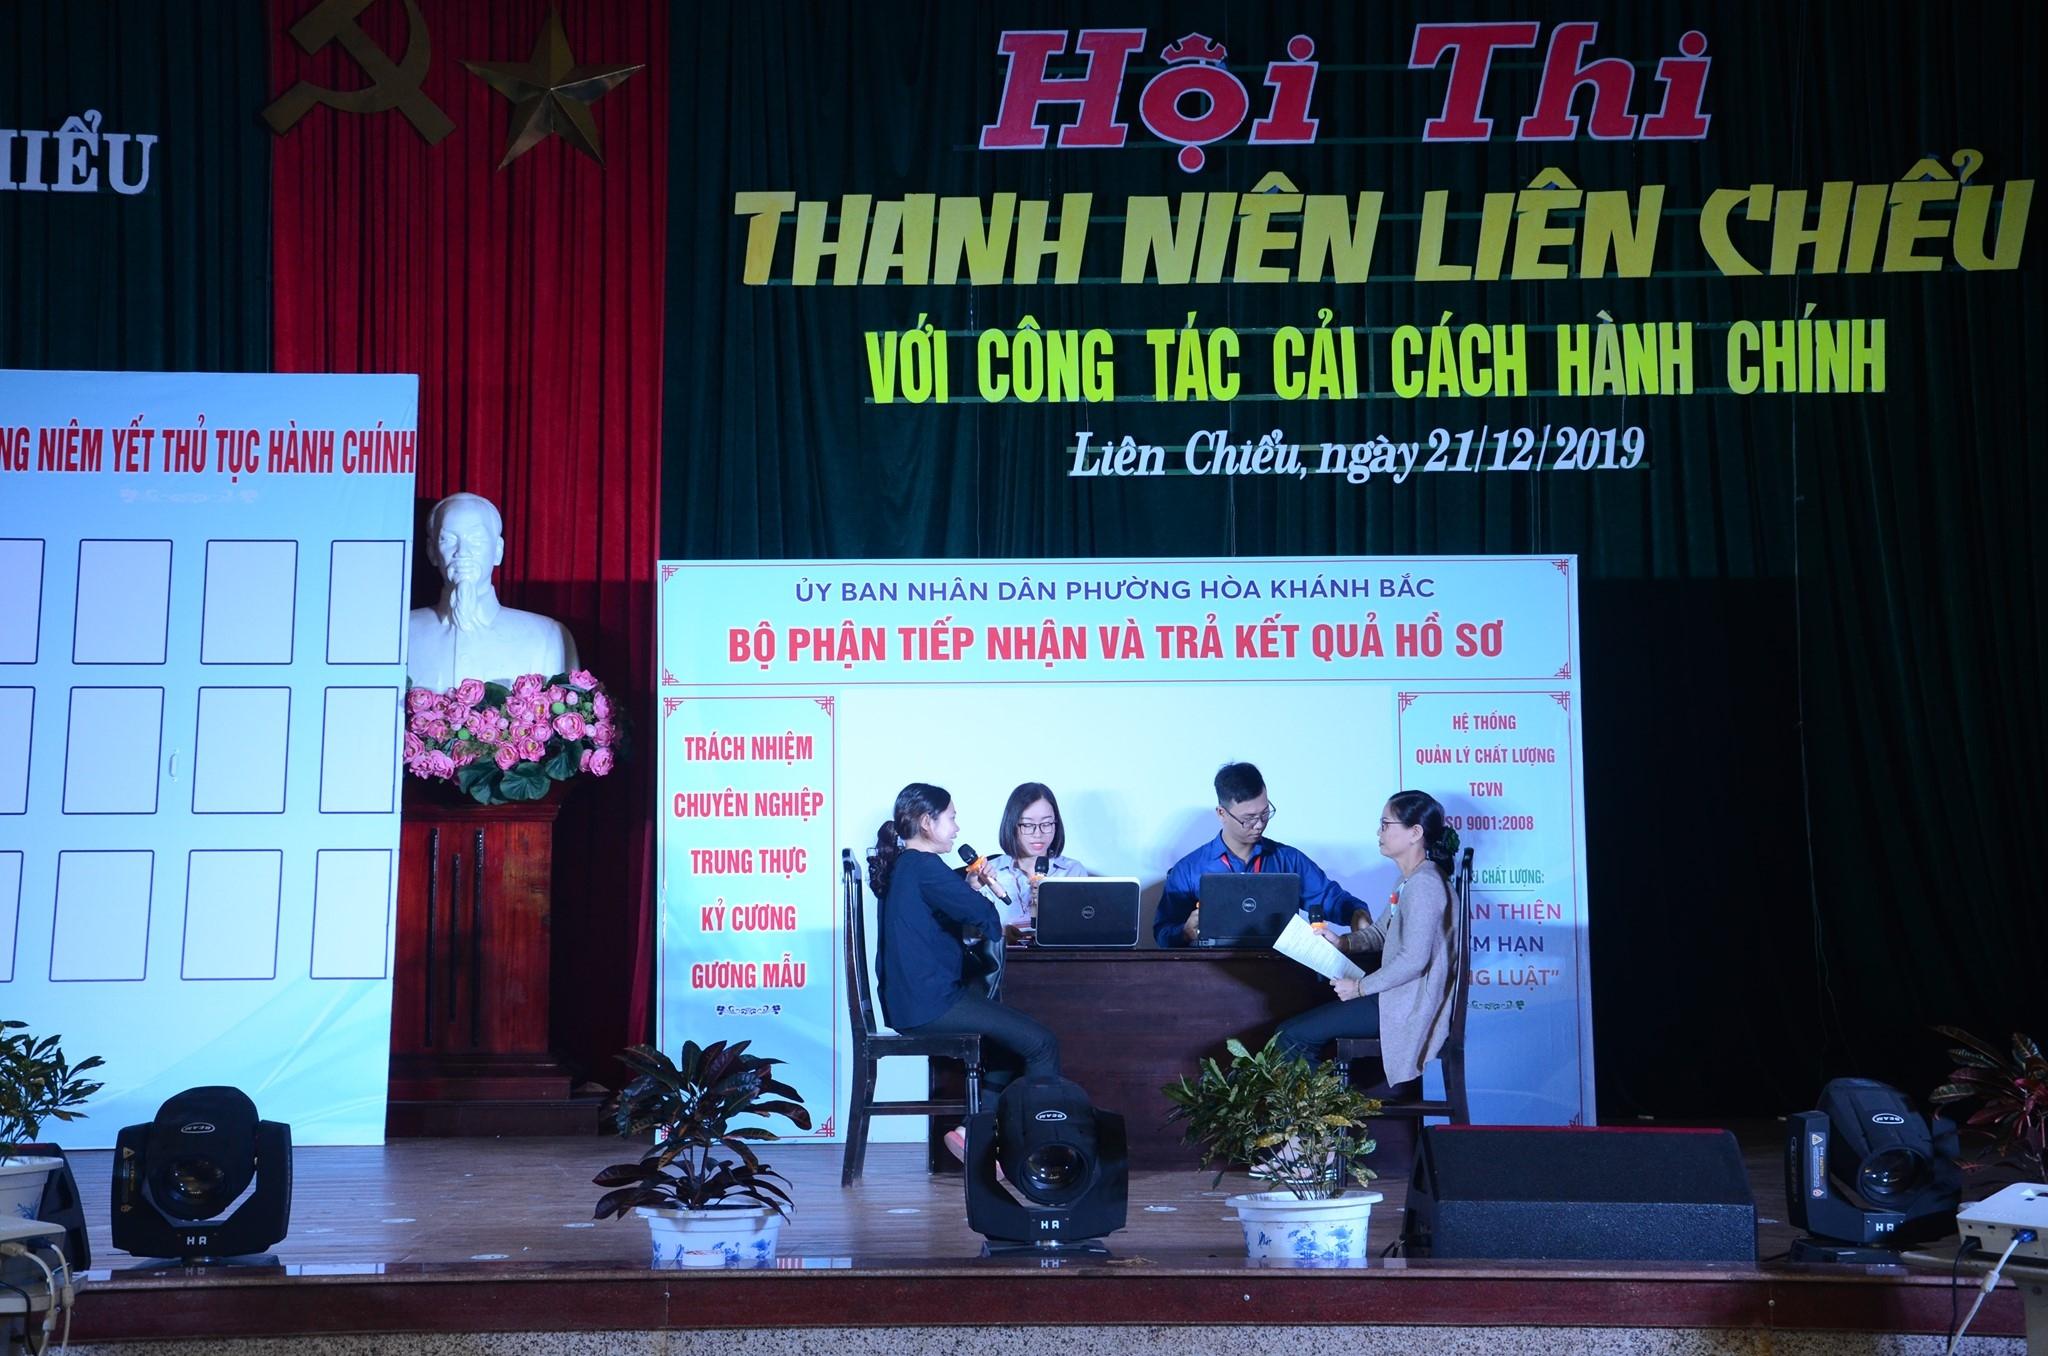 Quận Đoàn tổ chức Hội thi Thanh niên Liên Chiểu với cải cách hành chính năm 2019